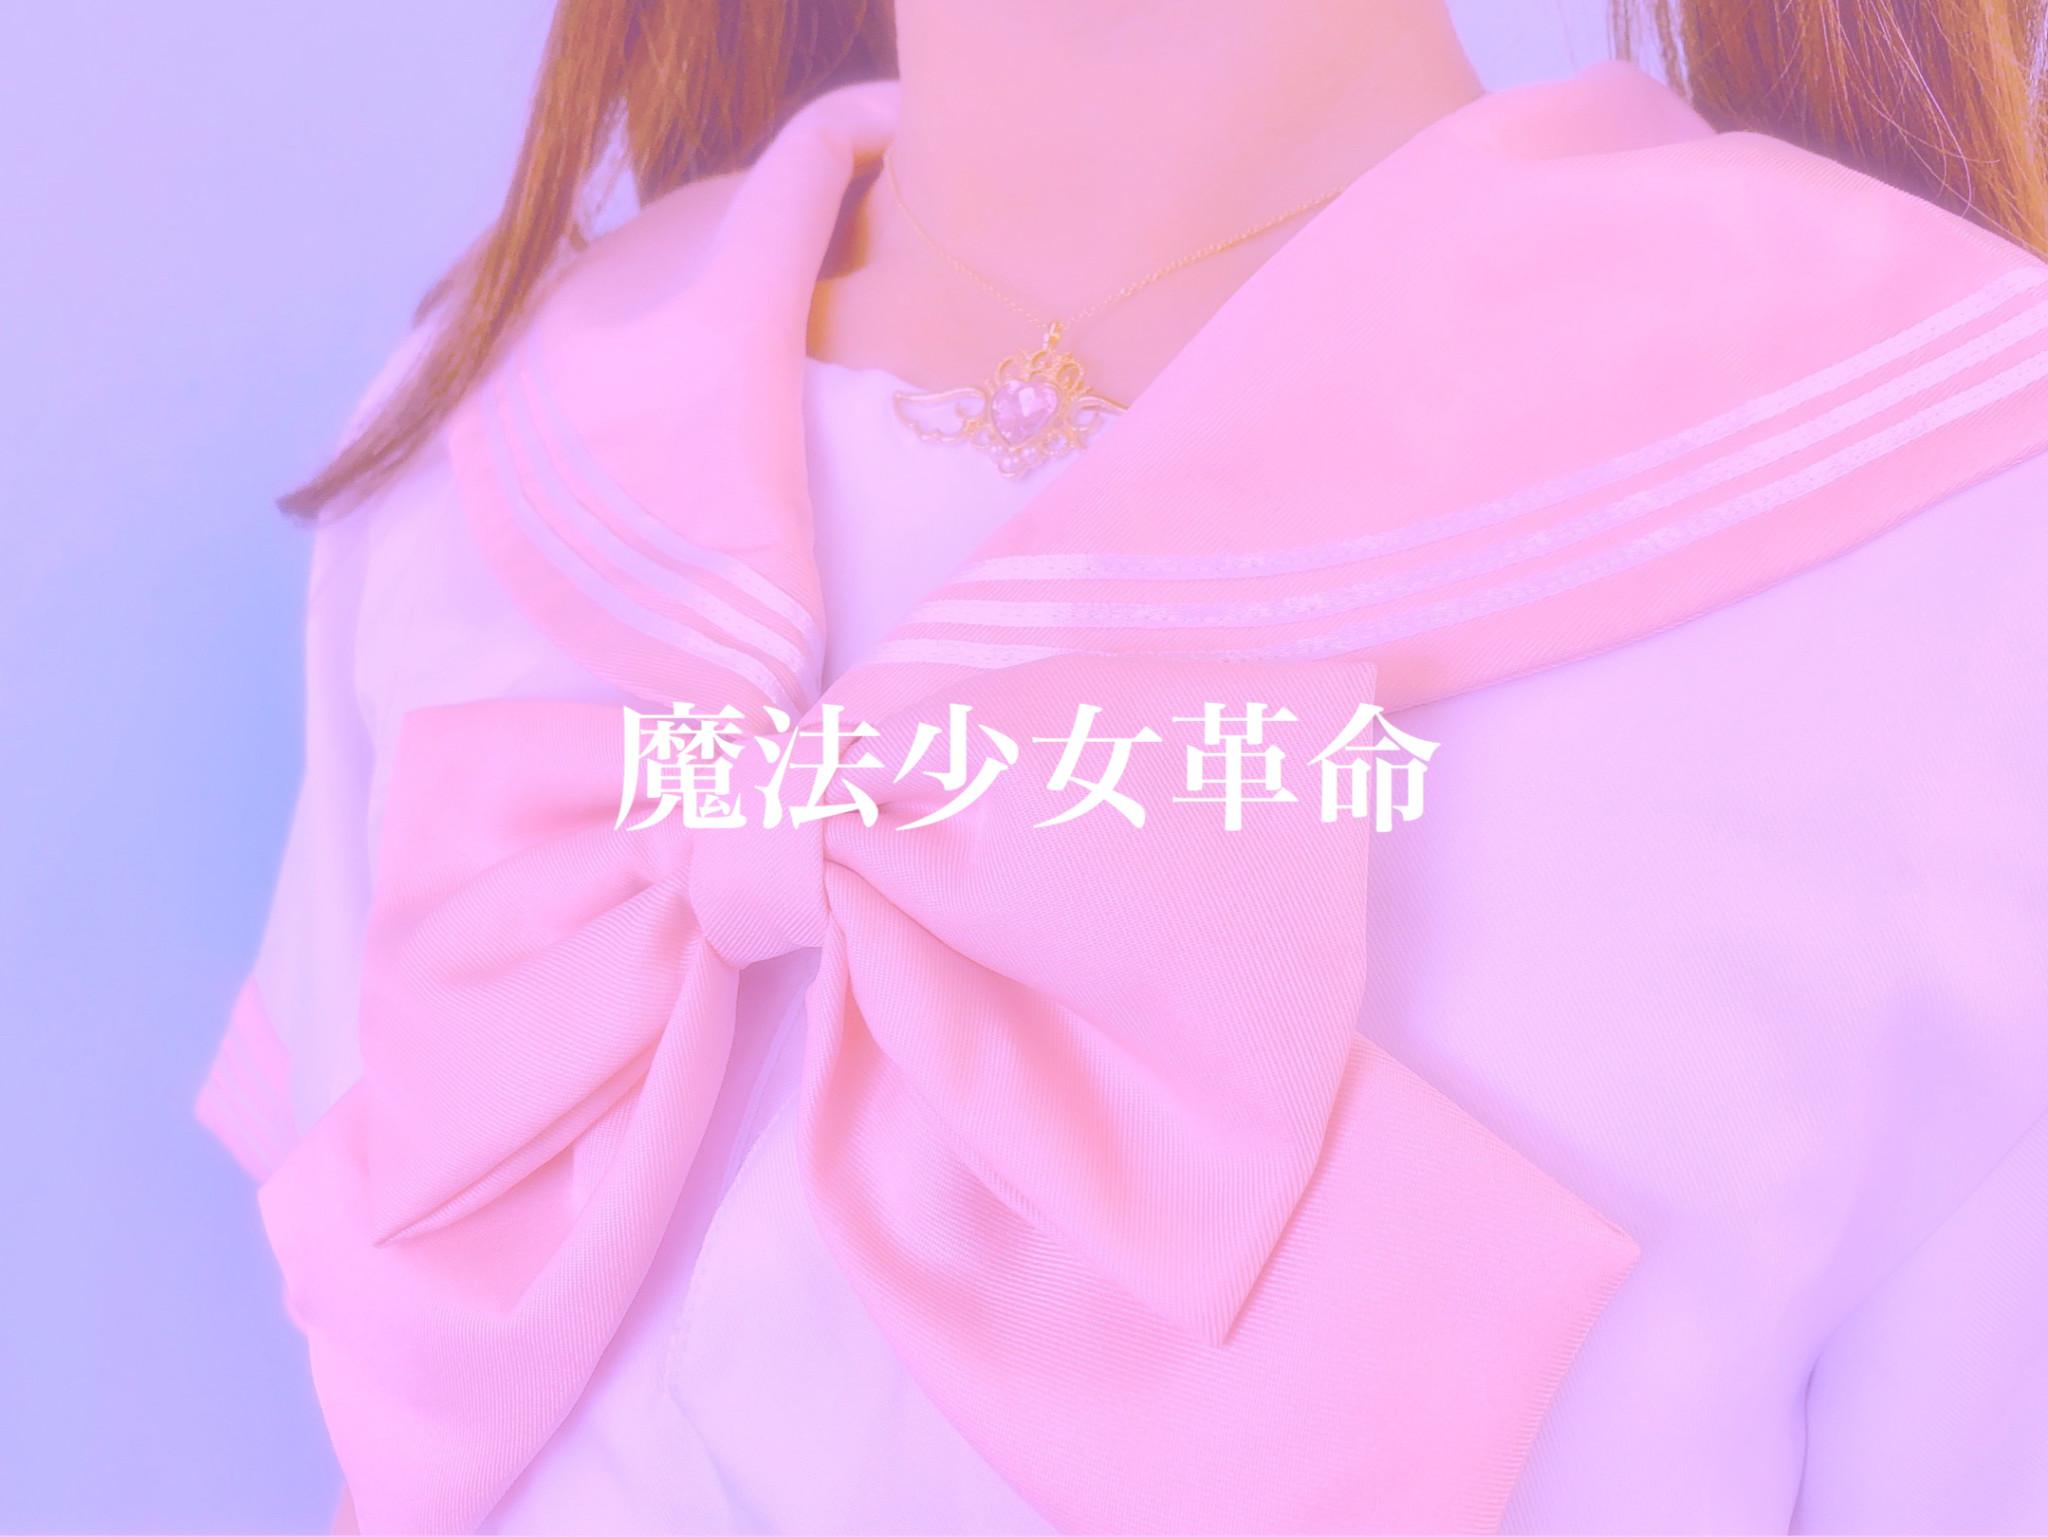 ゆめかわいいファッション / ゆめかわコーデの画像